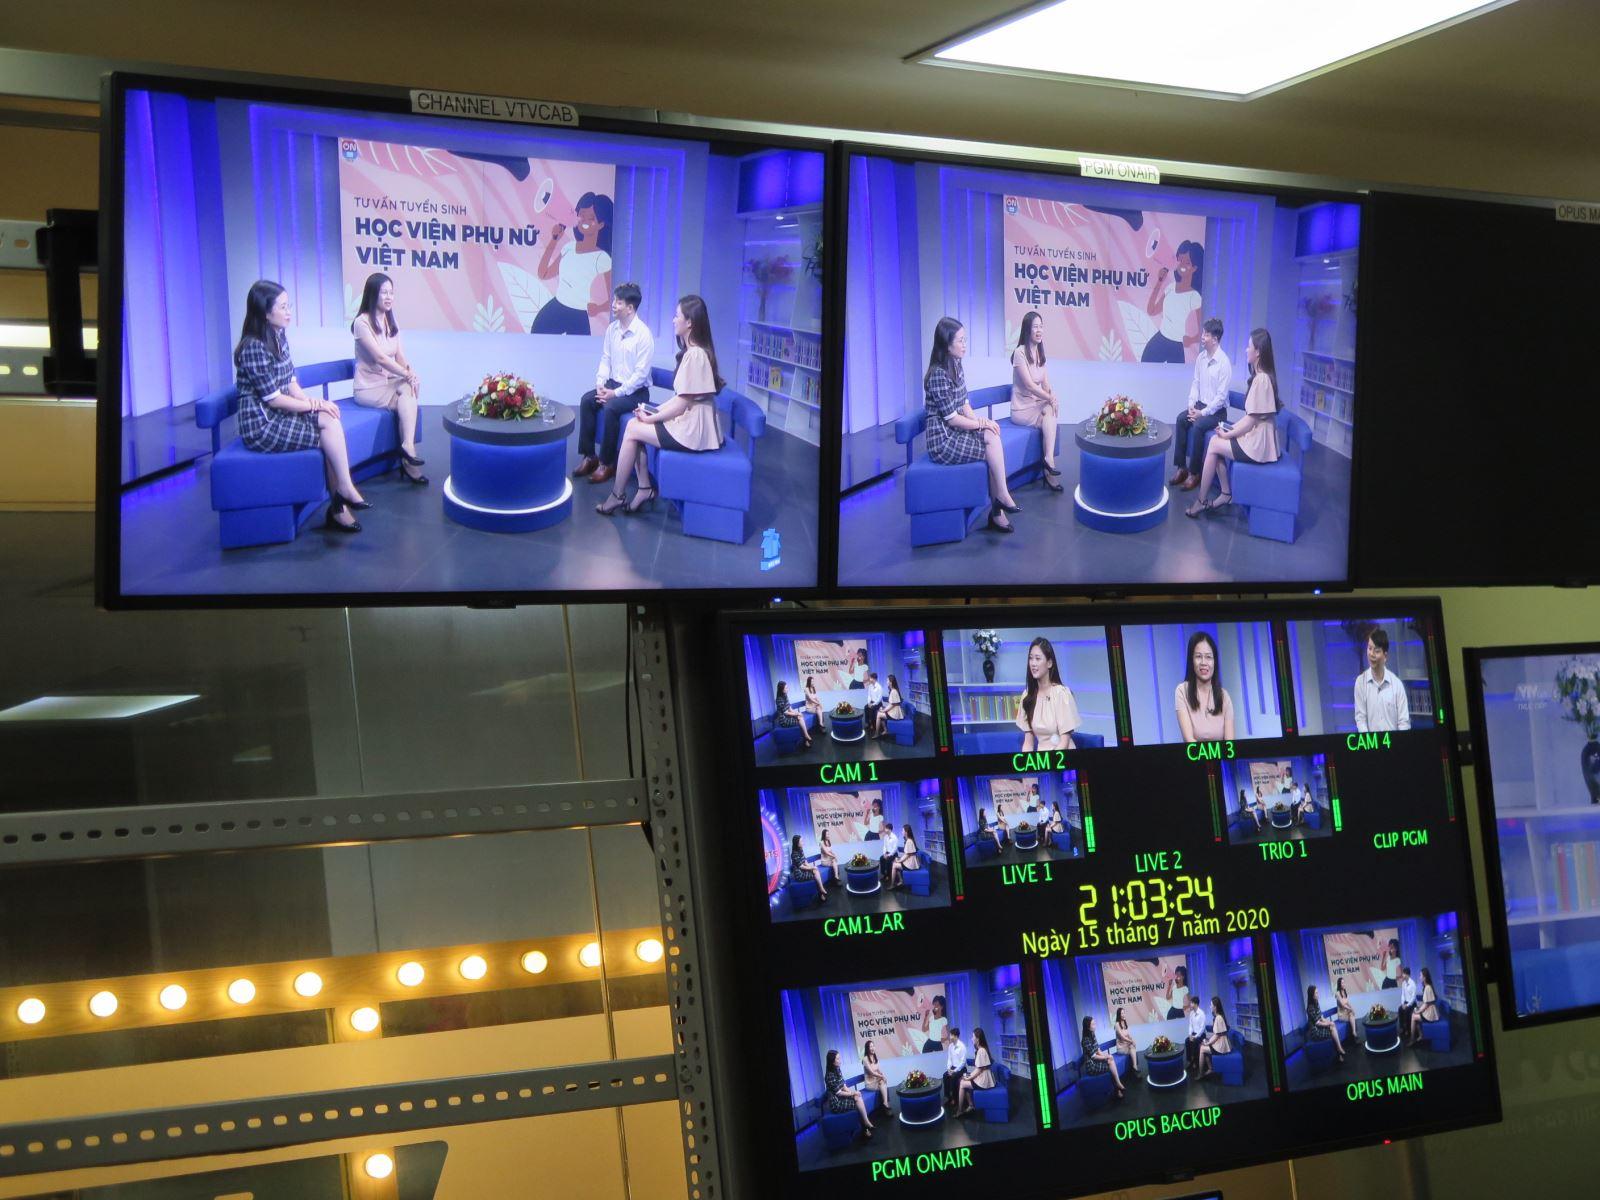 Học Viện Phụ nữ Việt Nam Live Stream Tư vấn tuyển sinh 2020